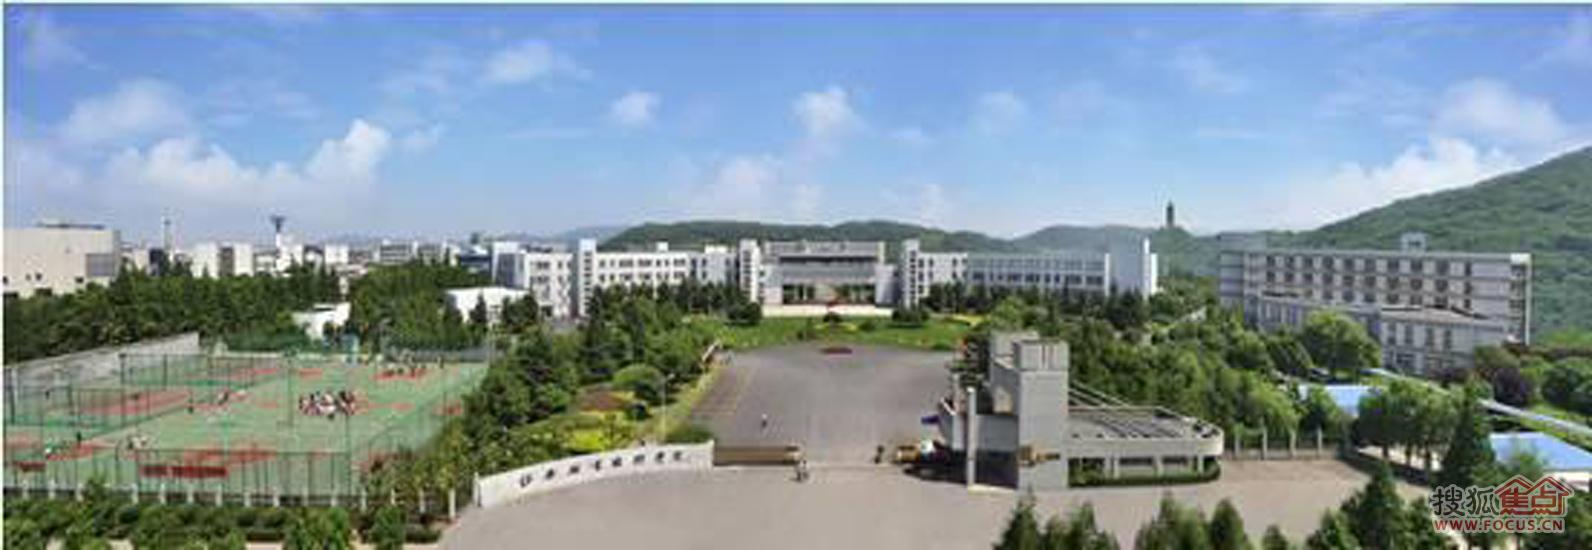 新生到江苏建筑职业技术学院的路线